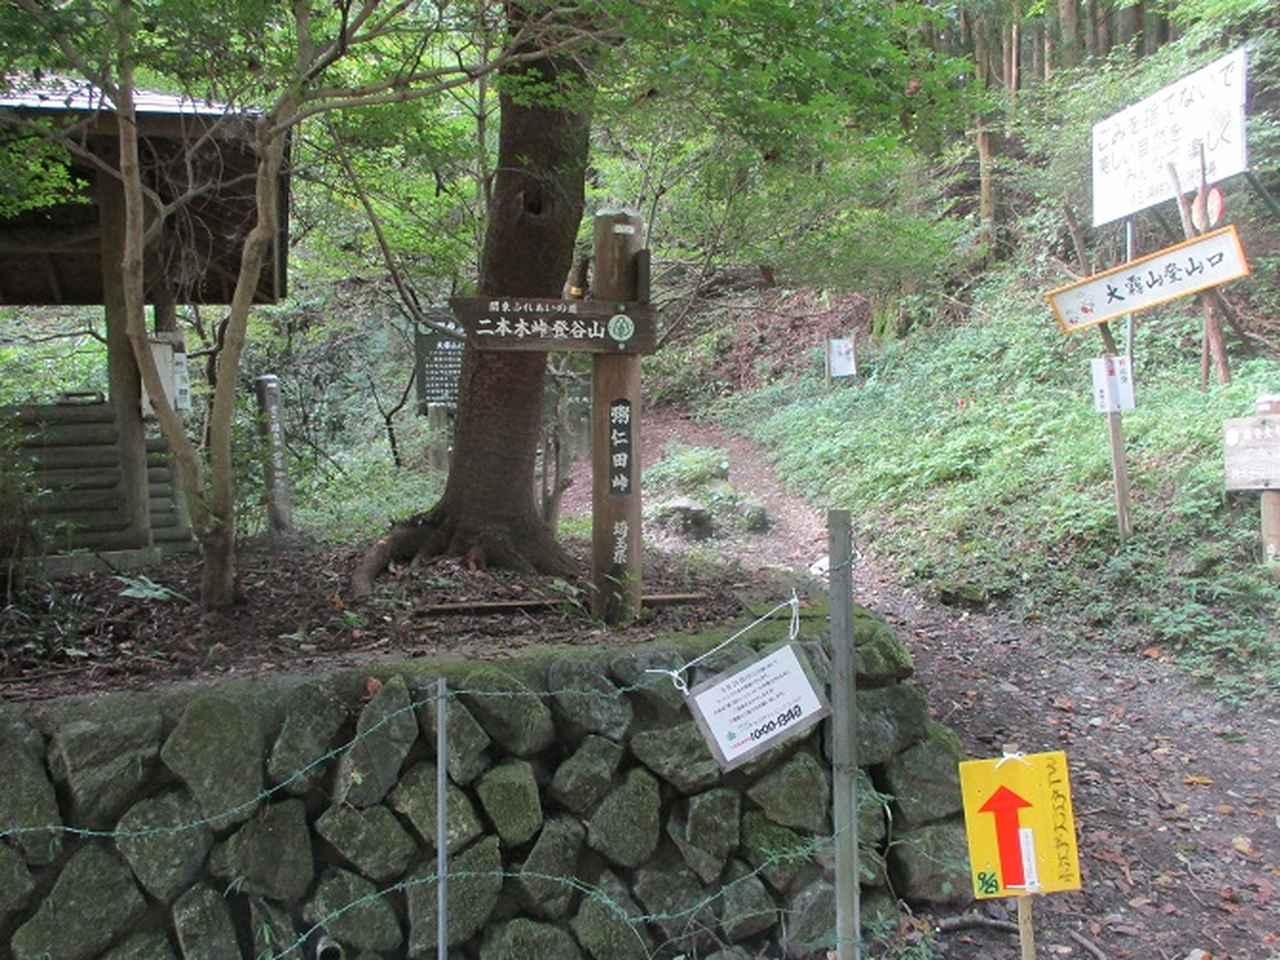 画像7: 【山旅会・登山ガイドこだわりツアー】岡田ガイドからの便り・大霧山ツアーの下見に行ってきました!